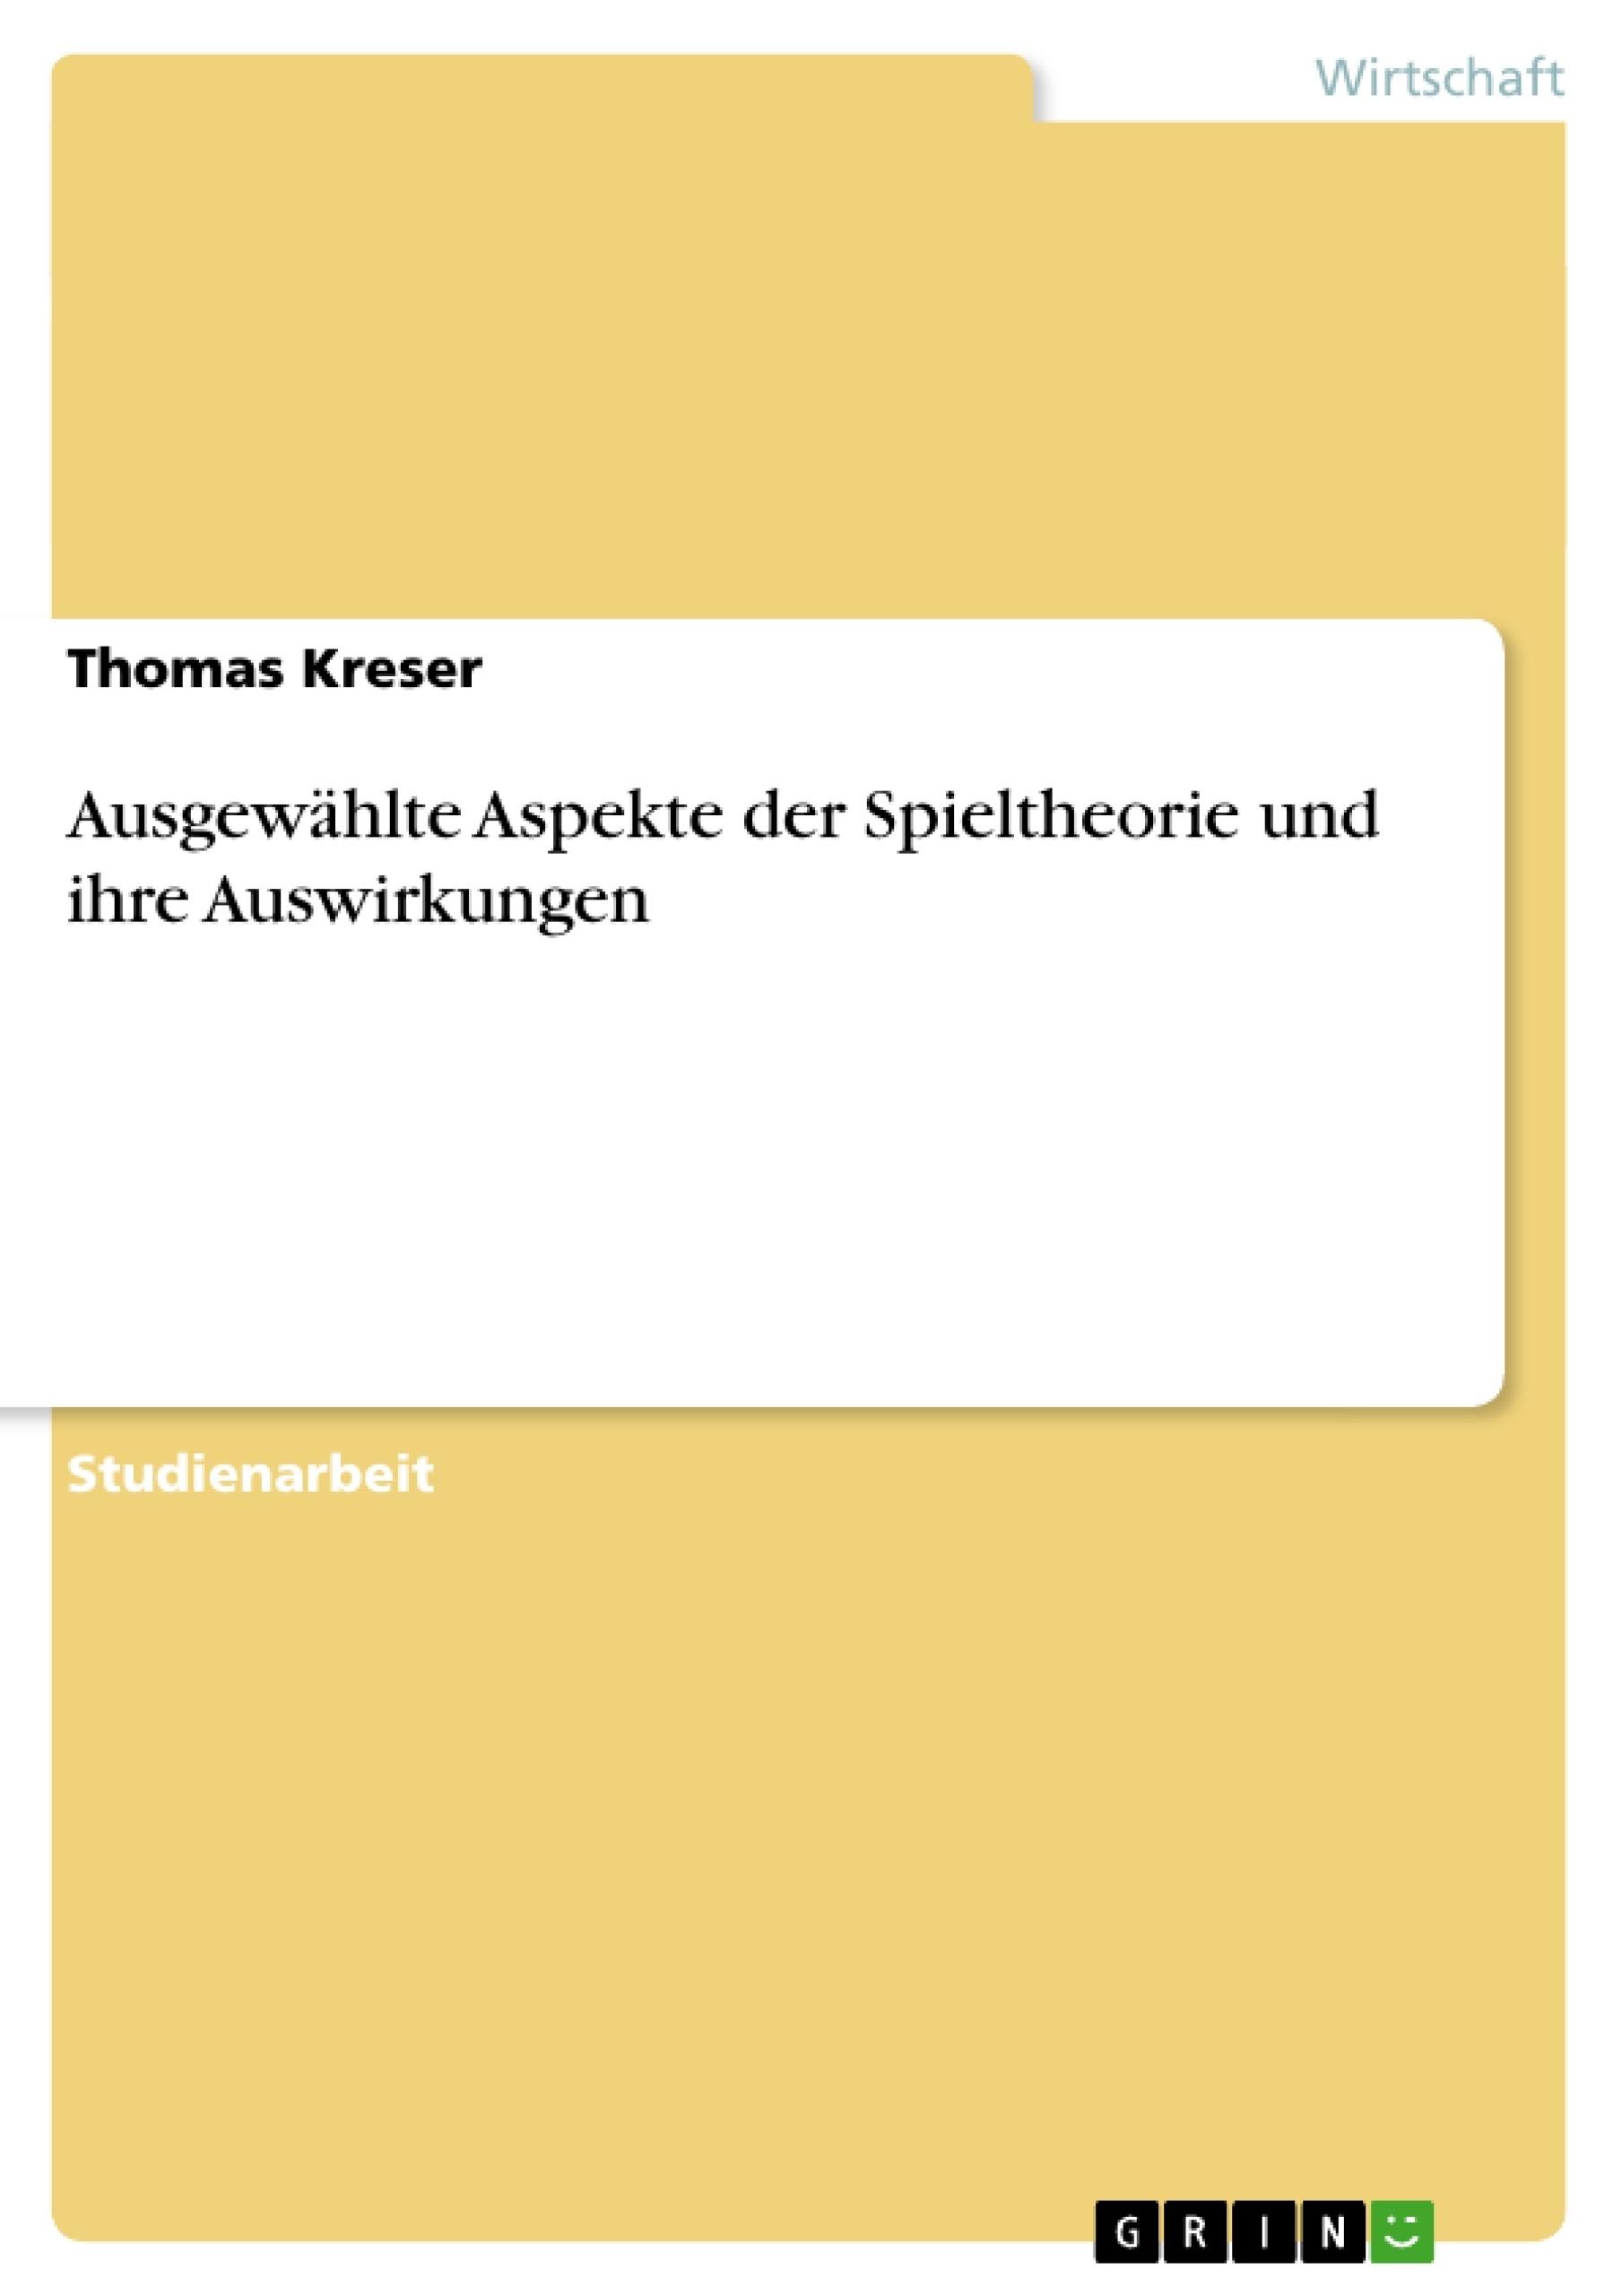 Titel: Ausgewählte Aspekte der Spieltheorie und ihre Auswirkungen